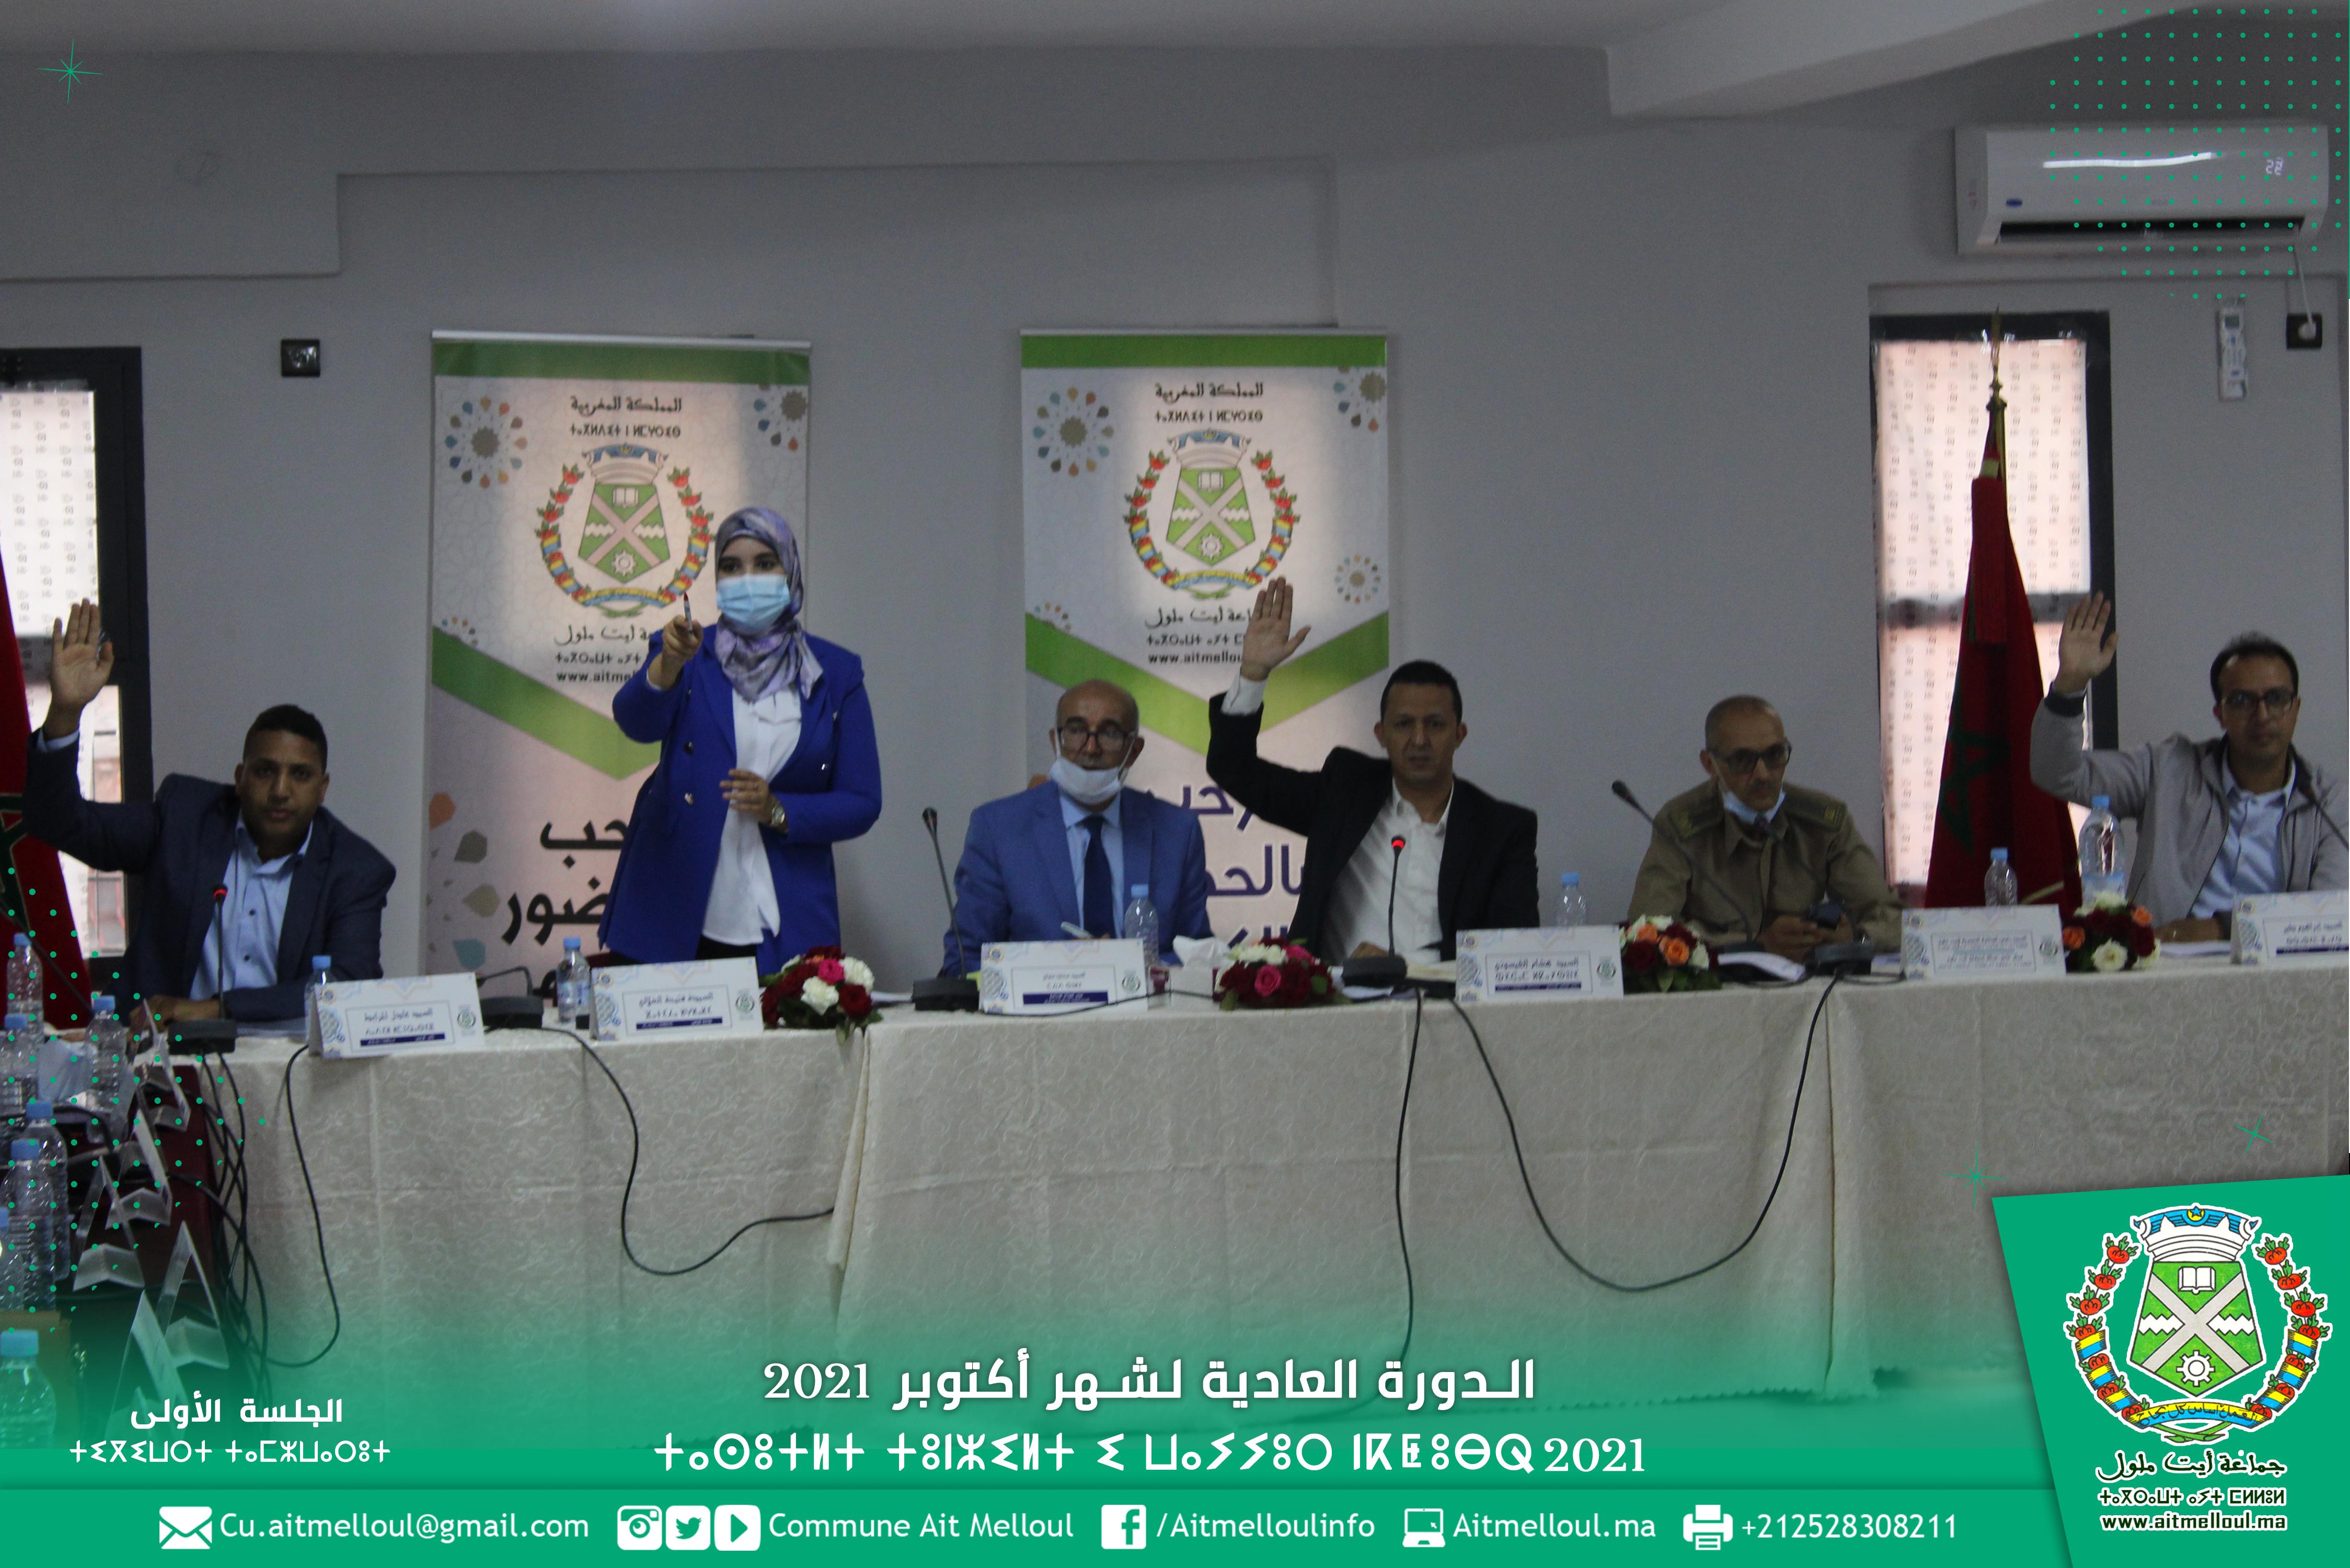 المجلس الجماعي لأيت ملول يعقد الجلسة الأولى لدورة أكتوبر 2021، ويصادق بالإجماع على نظام القانون الداخلي للمجلس